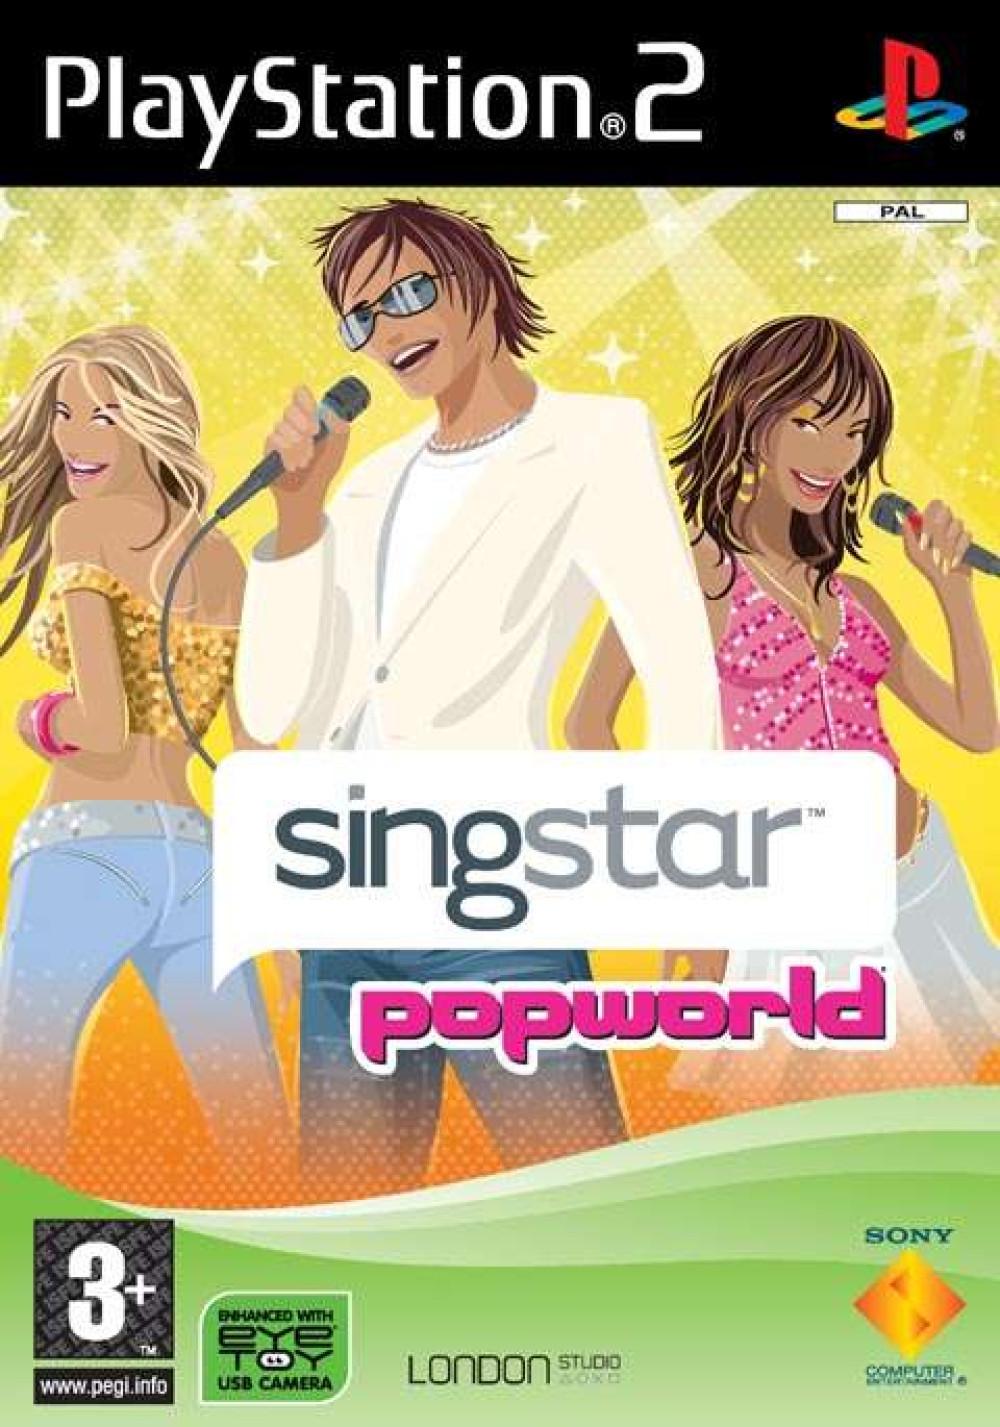 Singstar Popworld PS2